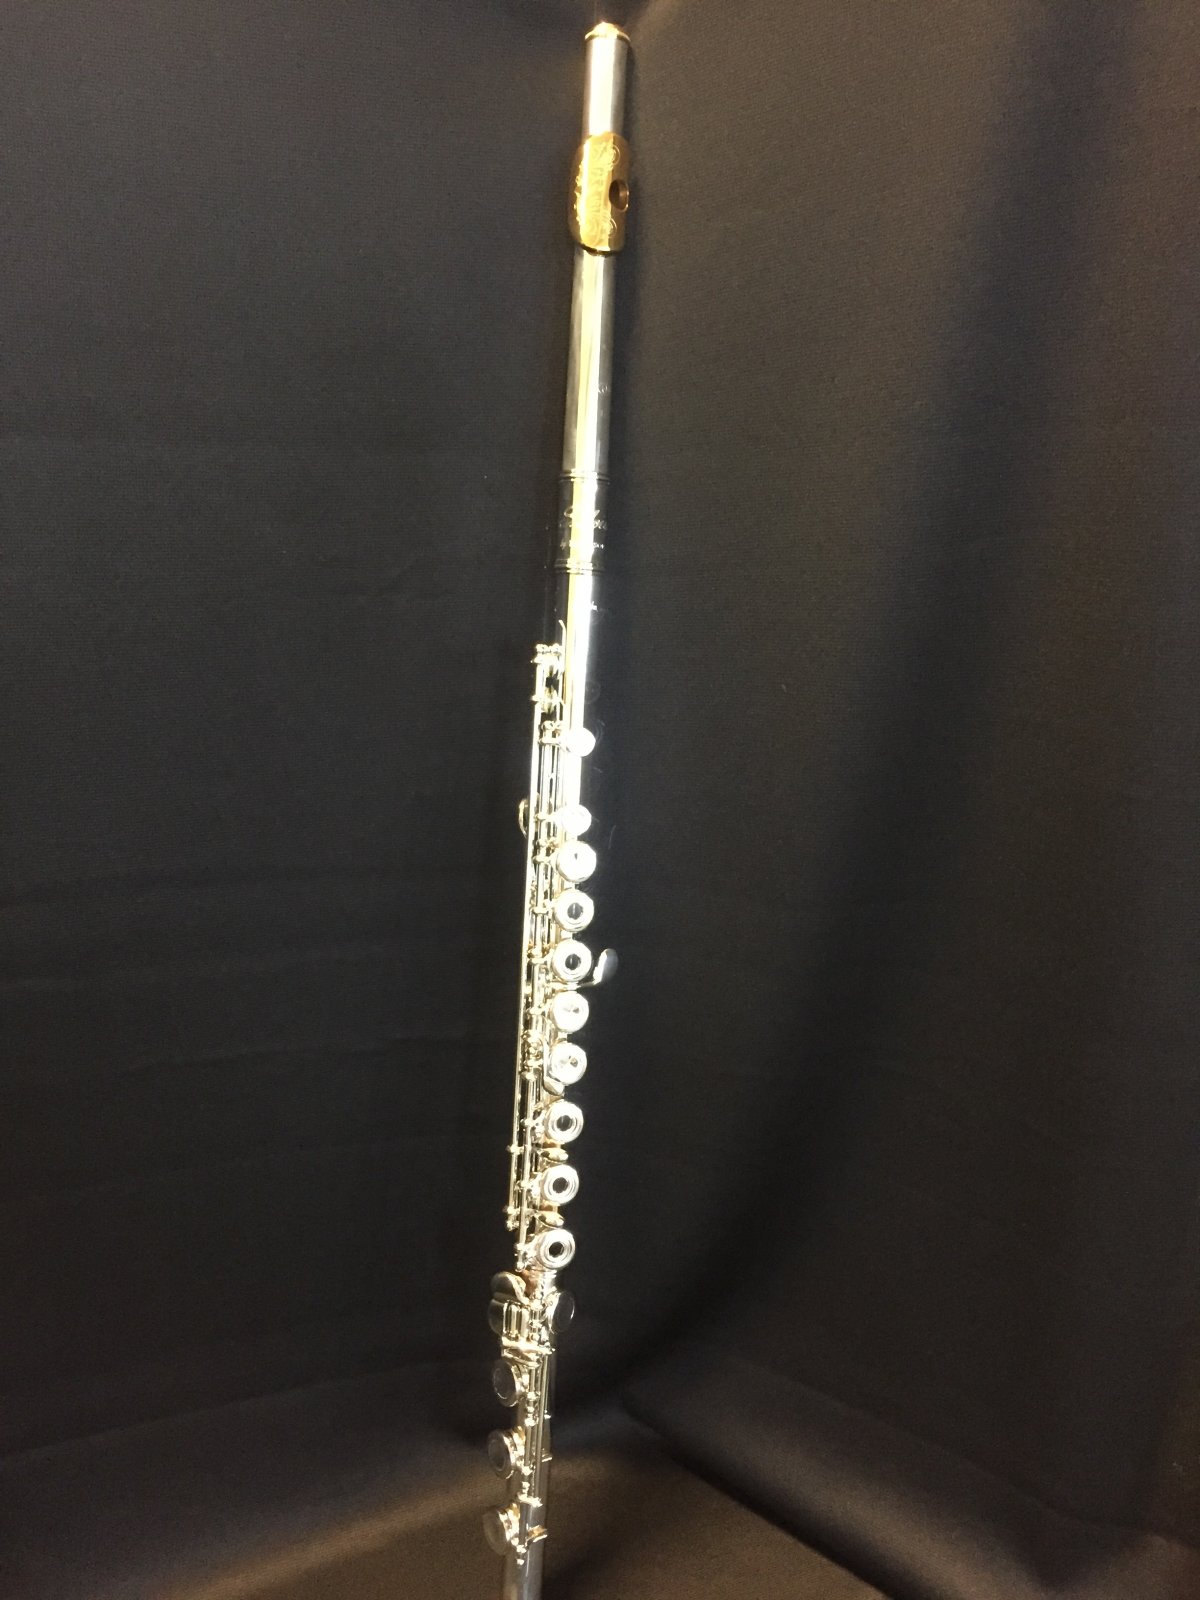 Emerson Soloist 100G Artist Flute